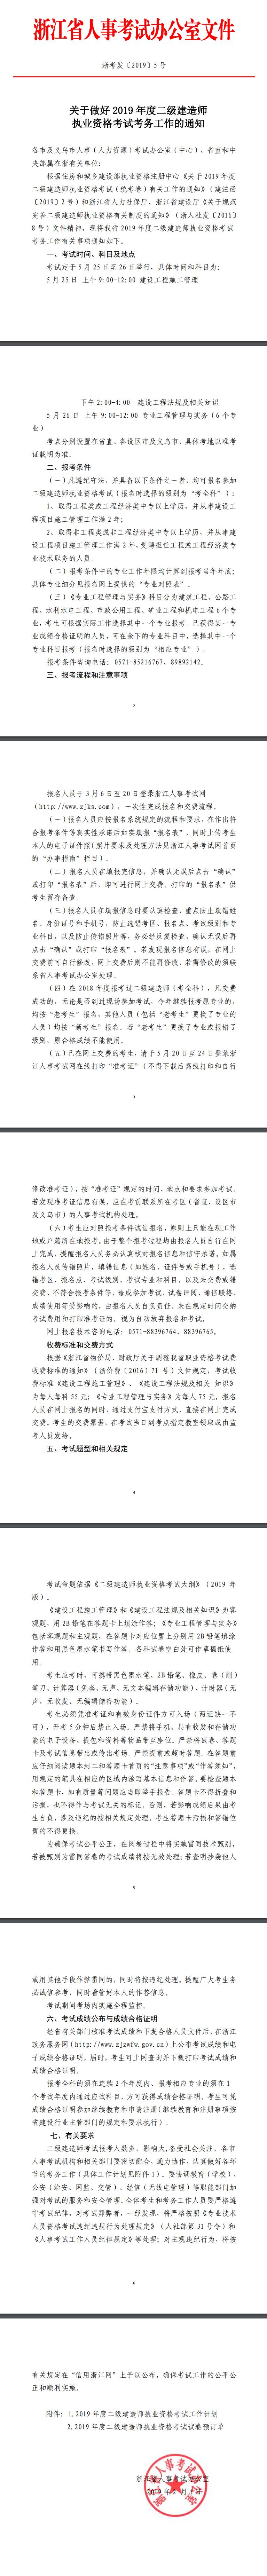 浙江二建报名